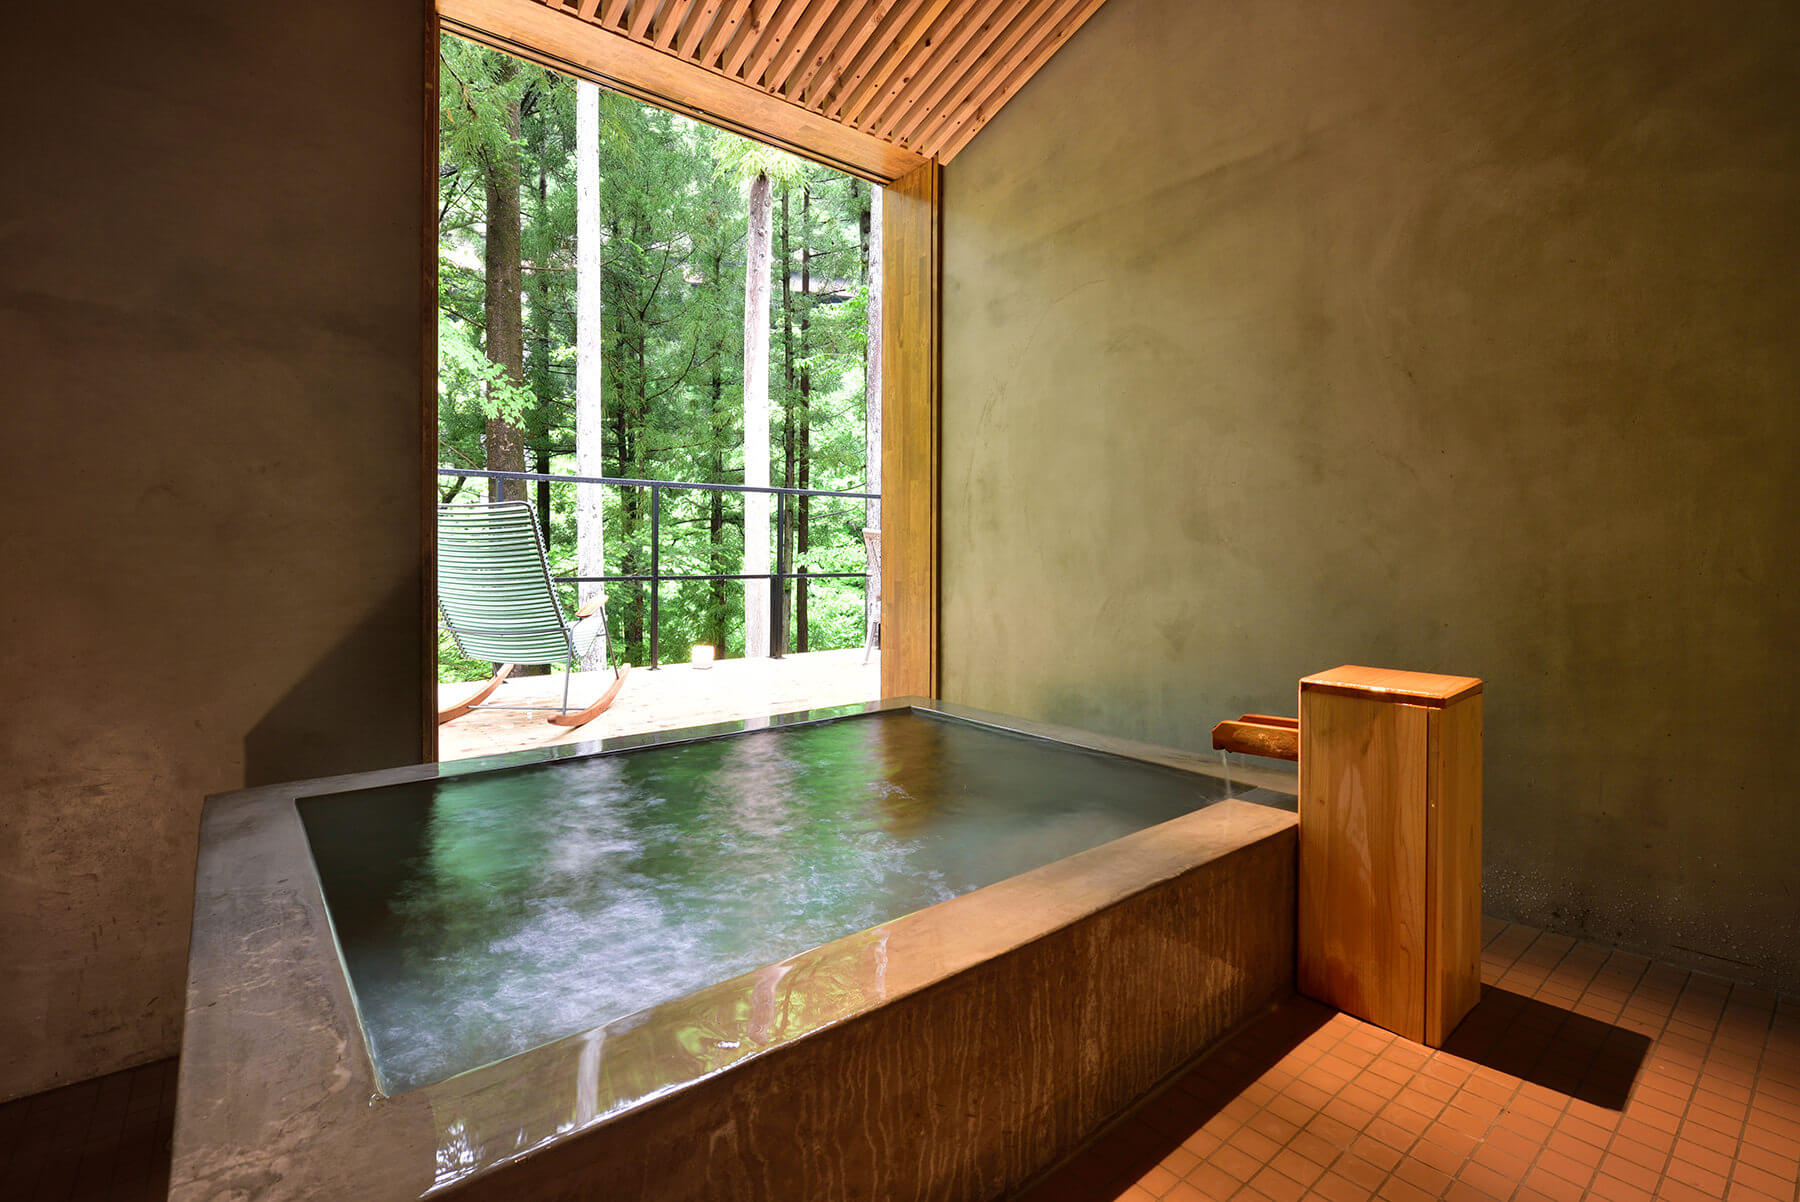 プラウンプレミアムの温泉風呂